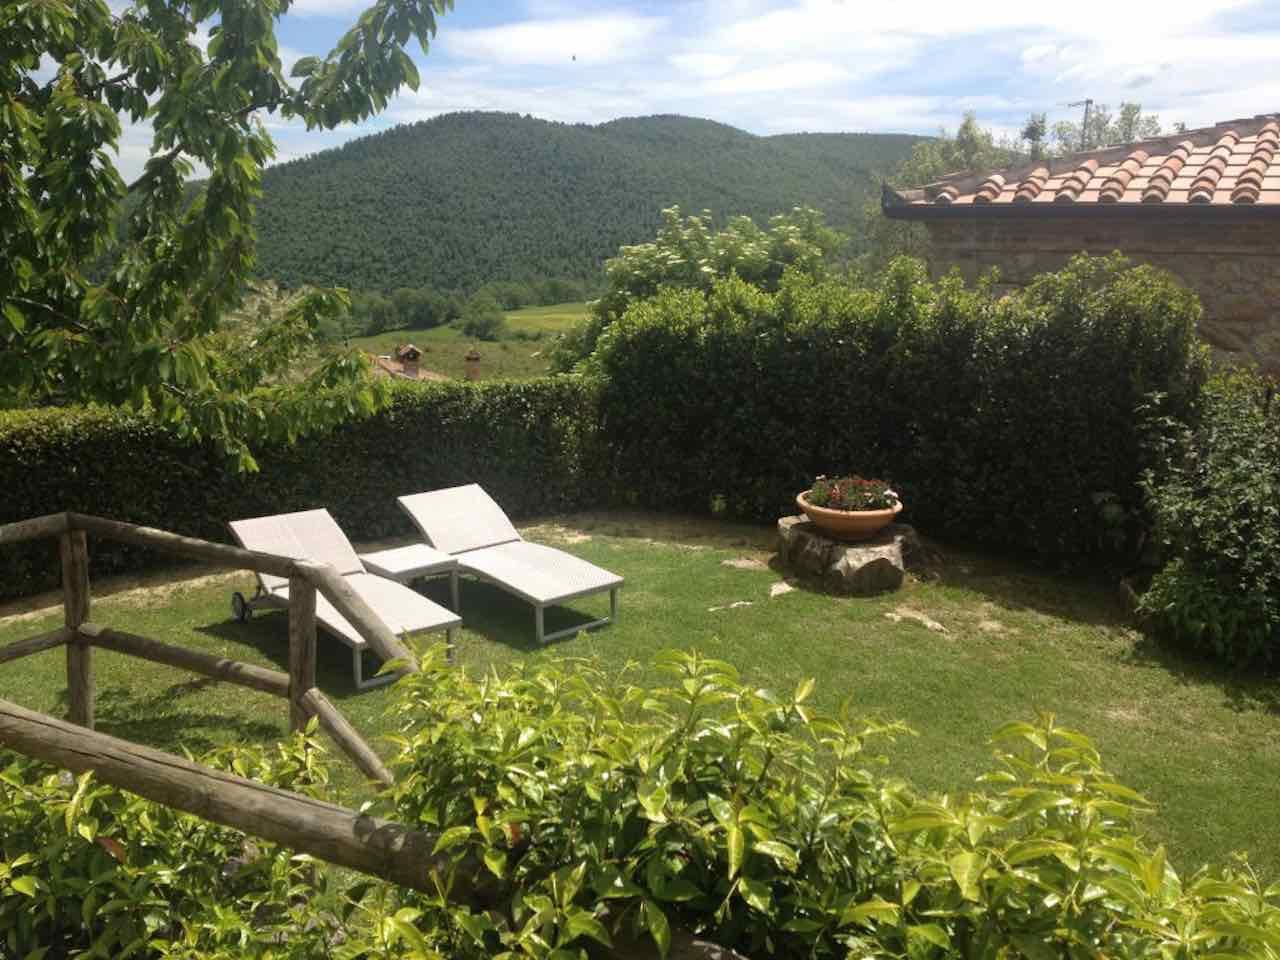 Ferienwohnung Montepulciano Michelangelo für 4 Personen mit Pool